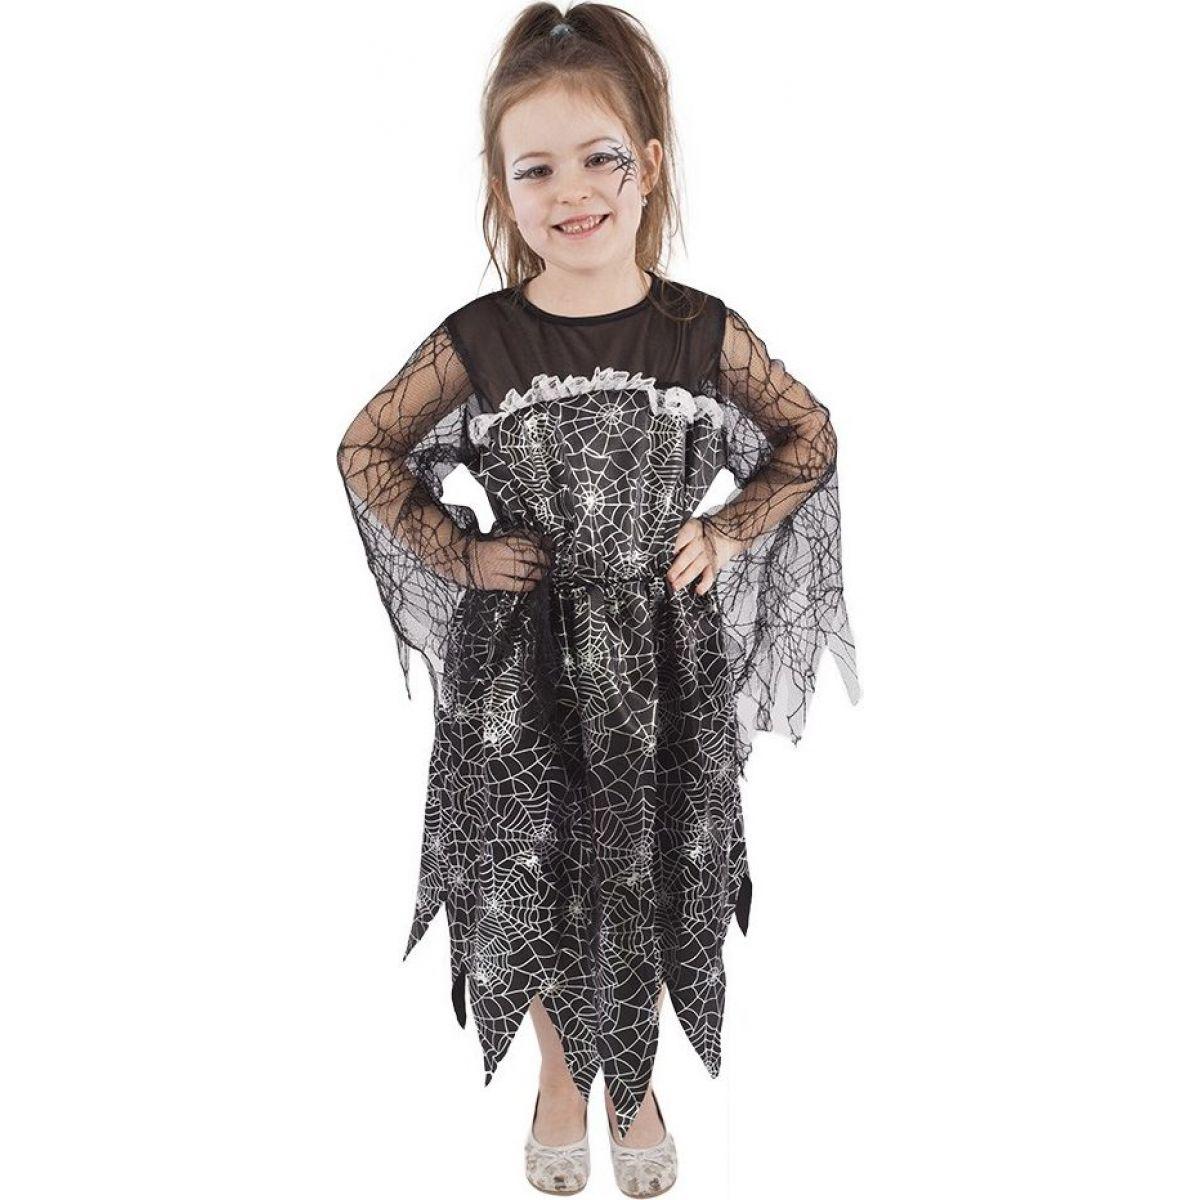 Rappa Karnevalový kostým čarodějnice halloween vel. S